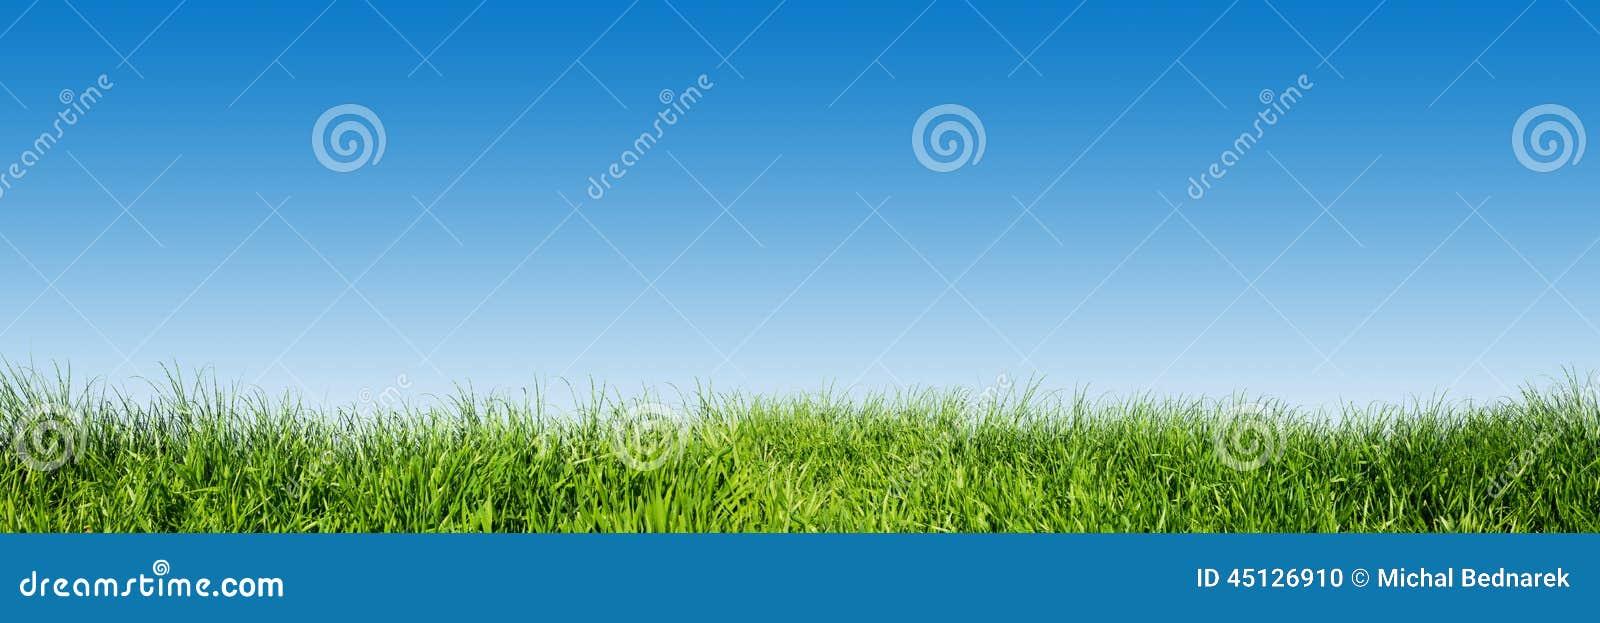 Зеленая трава на голубом ясном небе, панораме природы весны